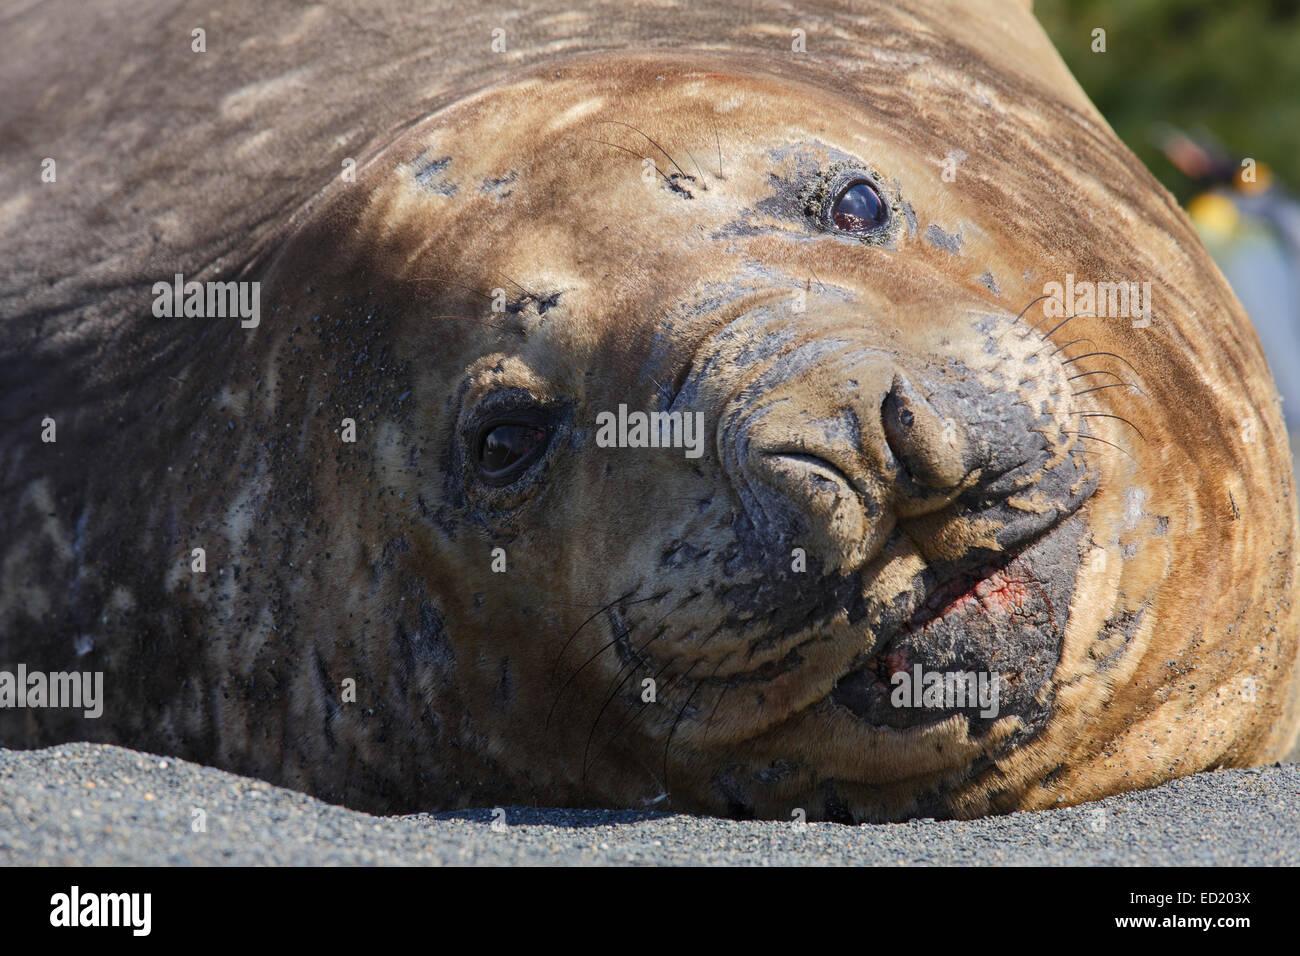 Southern elephant seal (Mirounga leonina), Gold Harbour, South Georgia, Antarctica. - Stock Image